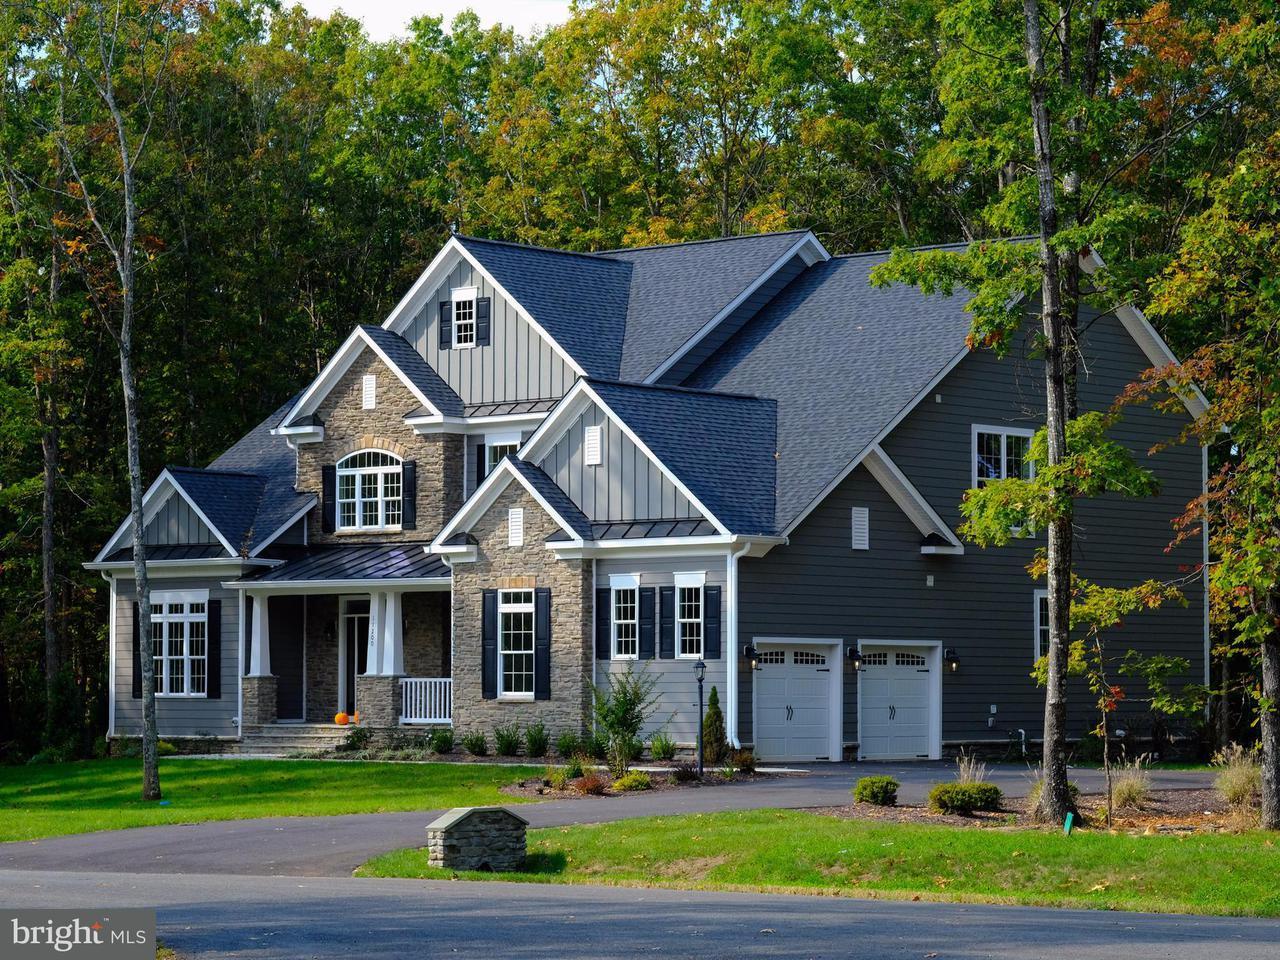 一戸建て のために 売買 アット Lot 17 Downton Avenue Lot 17 Downton Avenue Spotsylvania, バージニア 22553 アメリカ合衆国